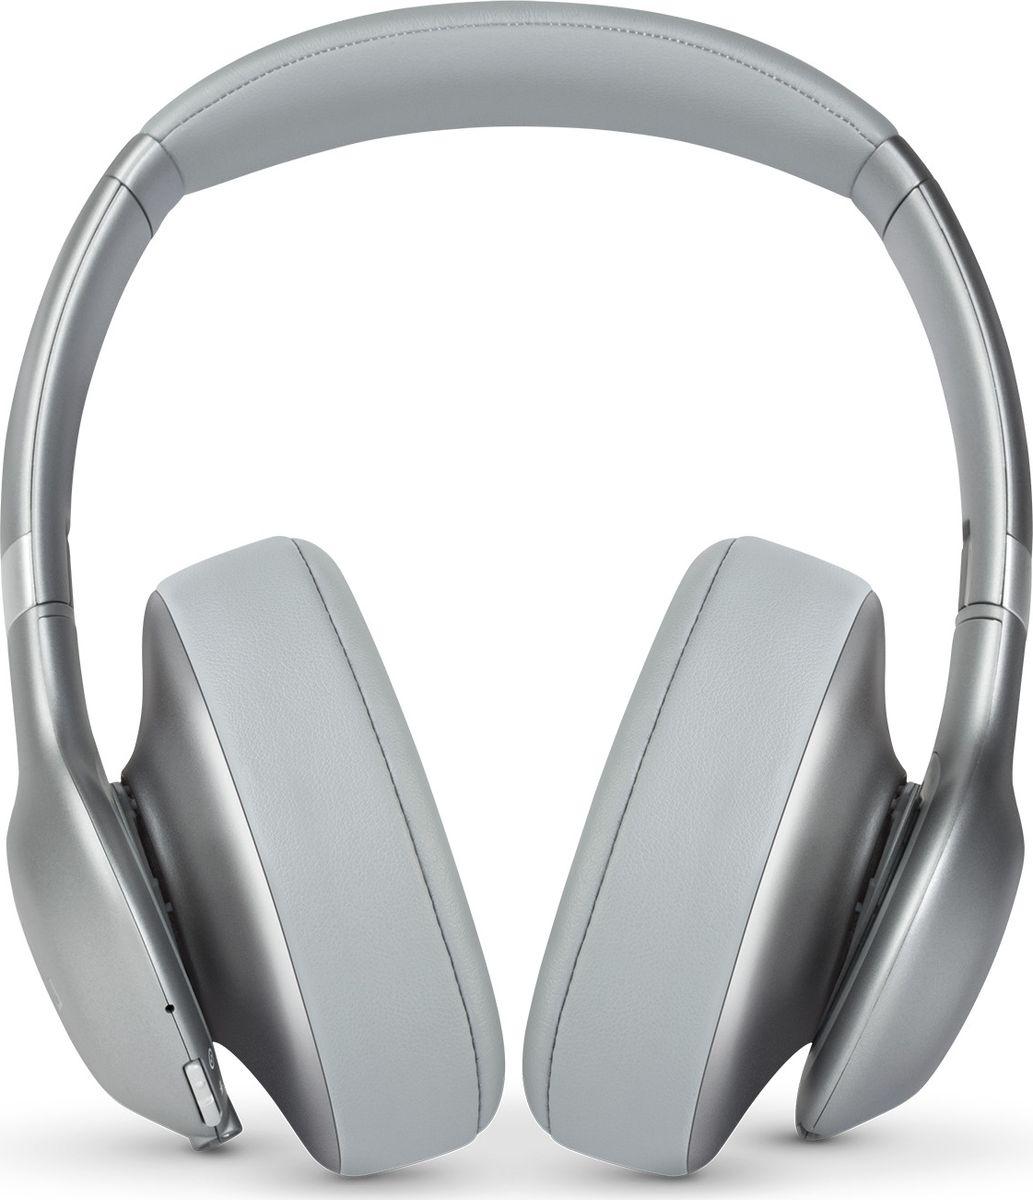 JBL Everest 710, Silver наушникиJBLV710BTSILНаденьте наушники JBL Everest 710 - и вас ждет до 25 часов свободного от проводов прослушивания, потрясающий легендарный звук JBL Pro, эргономичный комфорт и удобное прилегание благодаря отделке из высококачественных материалов. Технология Share Me 2.0 позволяет делиться музыкой с друзьями через Bluetooth. Благодаря быстрому времени зарядке (2 часа), элегантному складывающемуся дизайну и компактному жесткому футляру эти наушники станут вашим идеальным попутчиком в поездках. Встроенный микрофон обеспечивает кристально чистый звук во время звонков в режиме hands-free, а удобные кнопки на чашке наушника позволяют выбирать нужную музыку. Наушники доступны в металлических оттенках. Они сделают музыку центром вашей жизни. Позвольте себе этот звук.